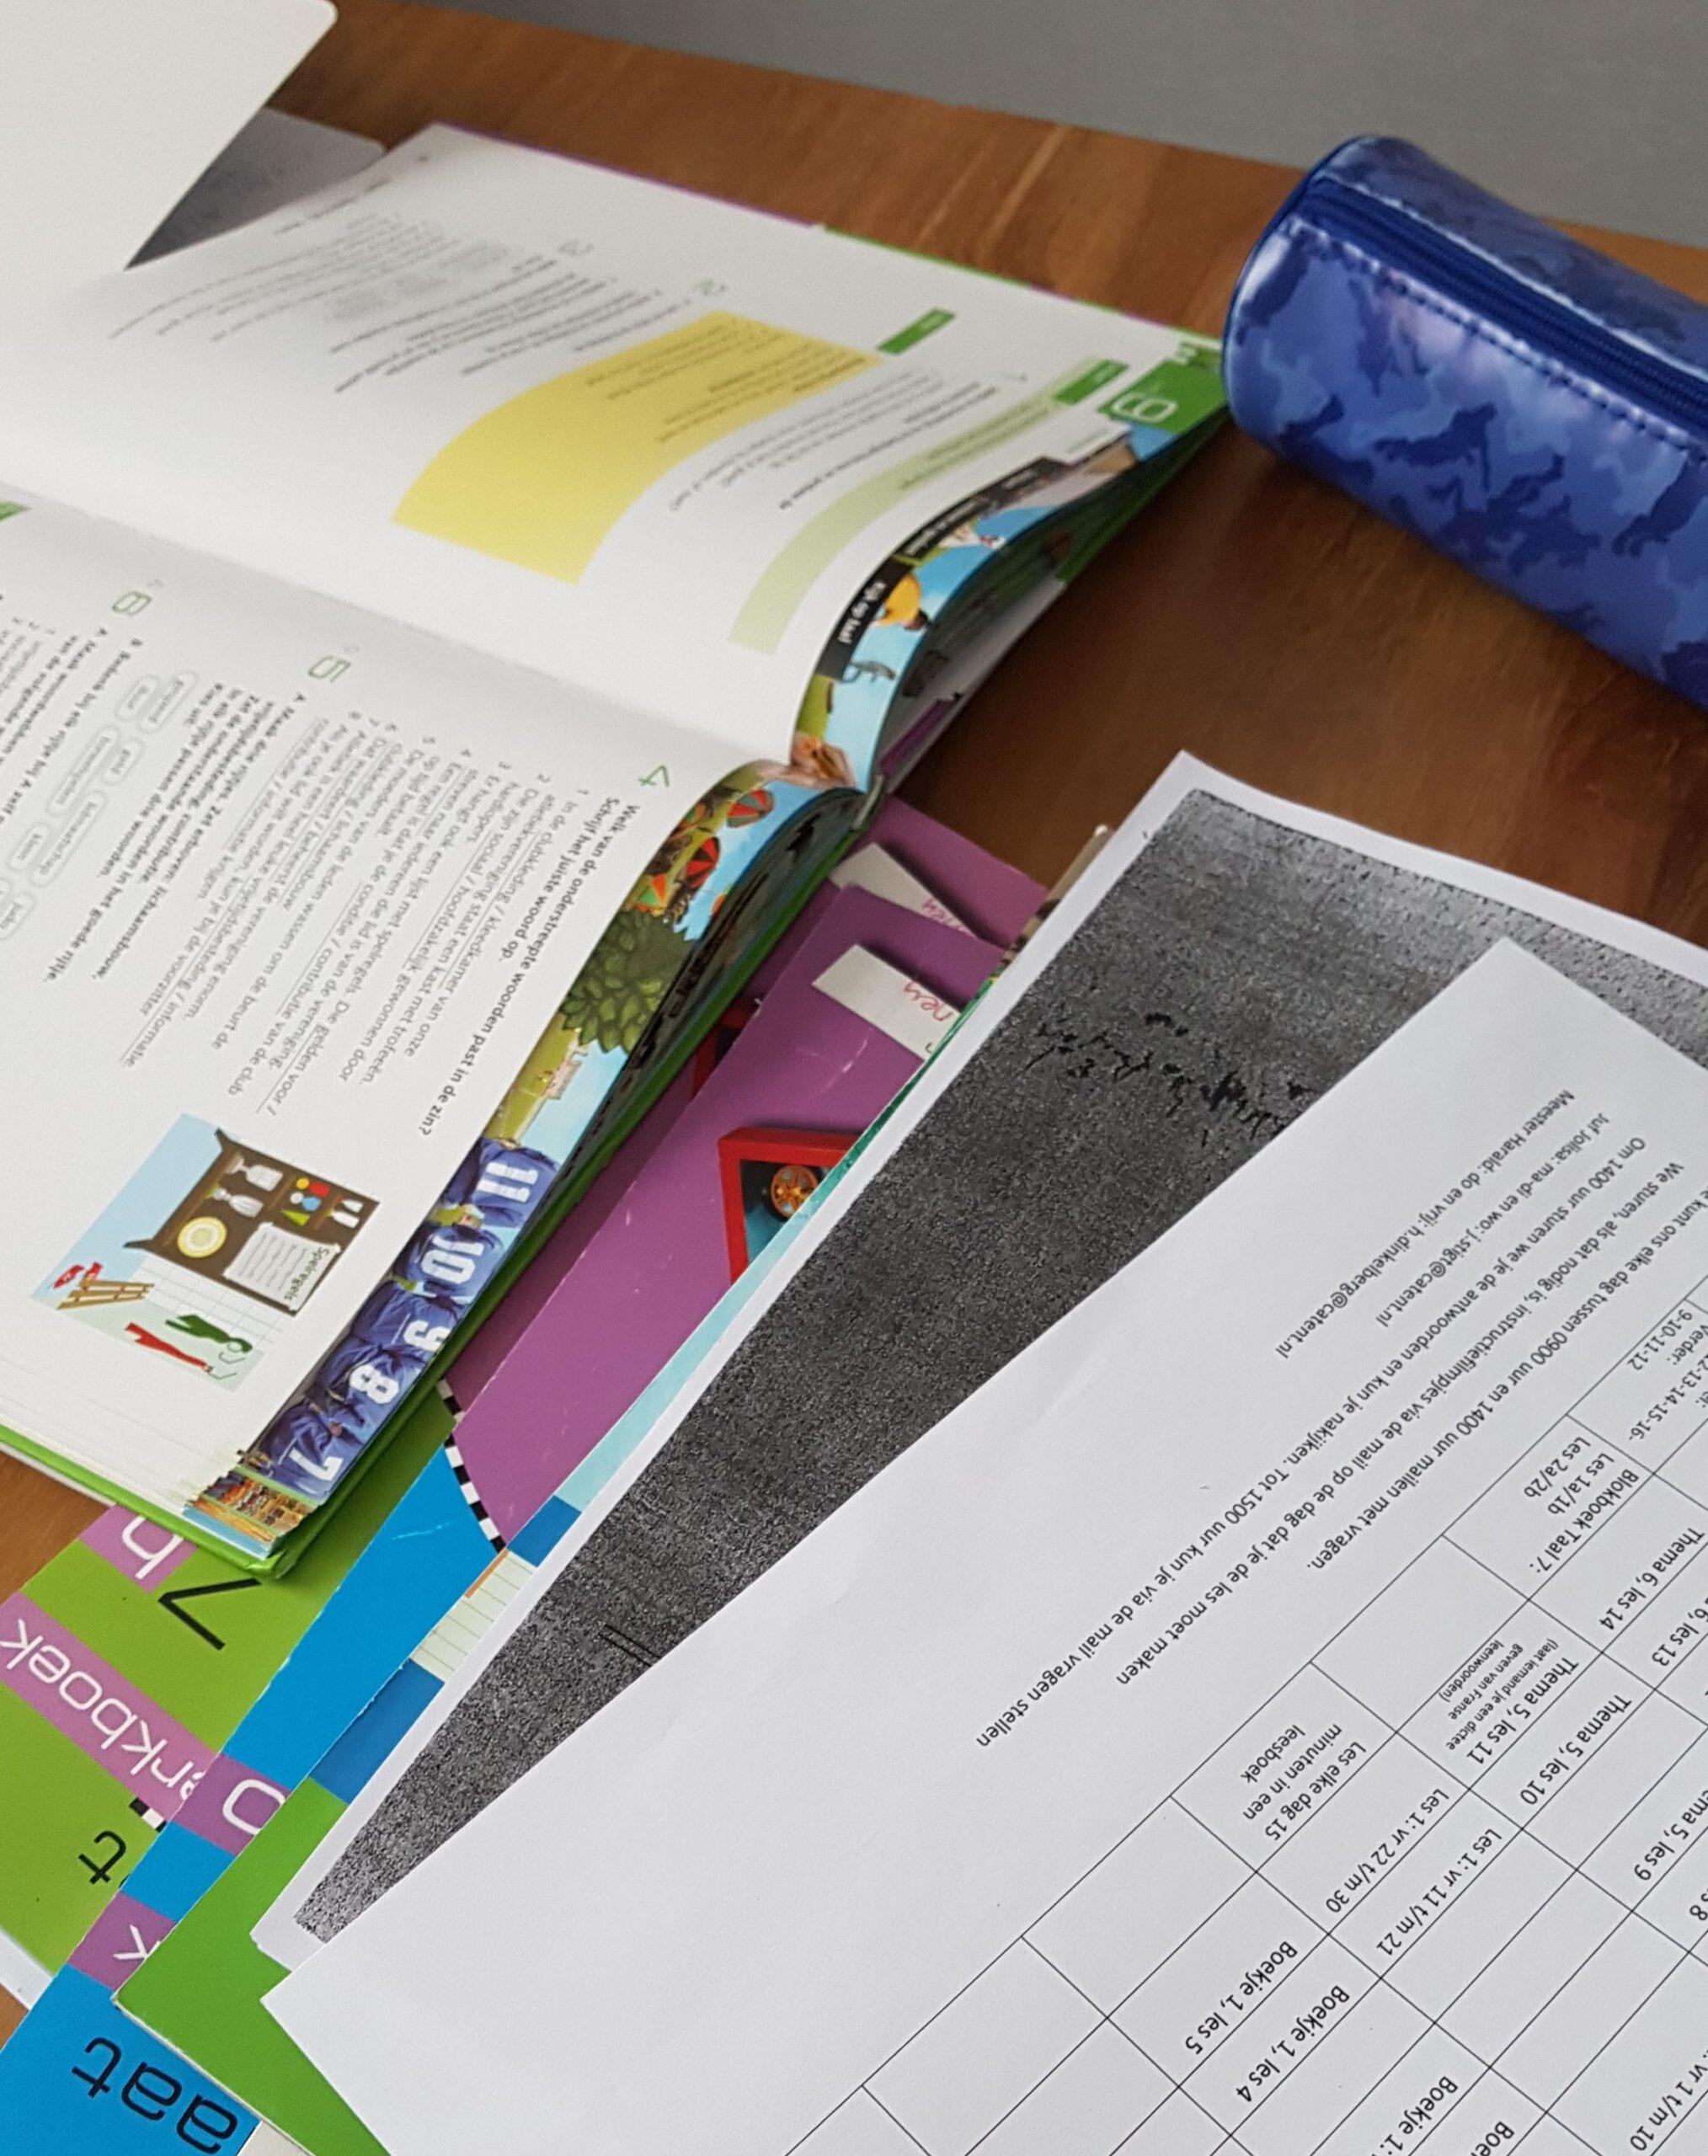 huiswerk op tafel